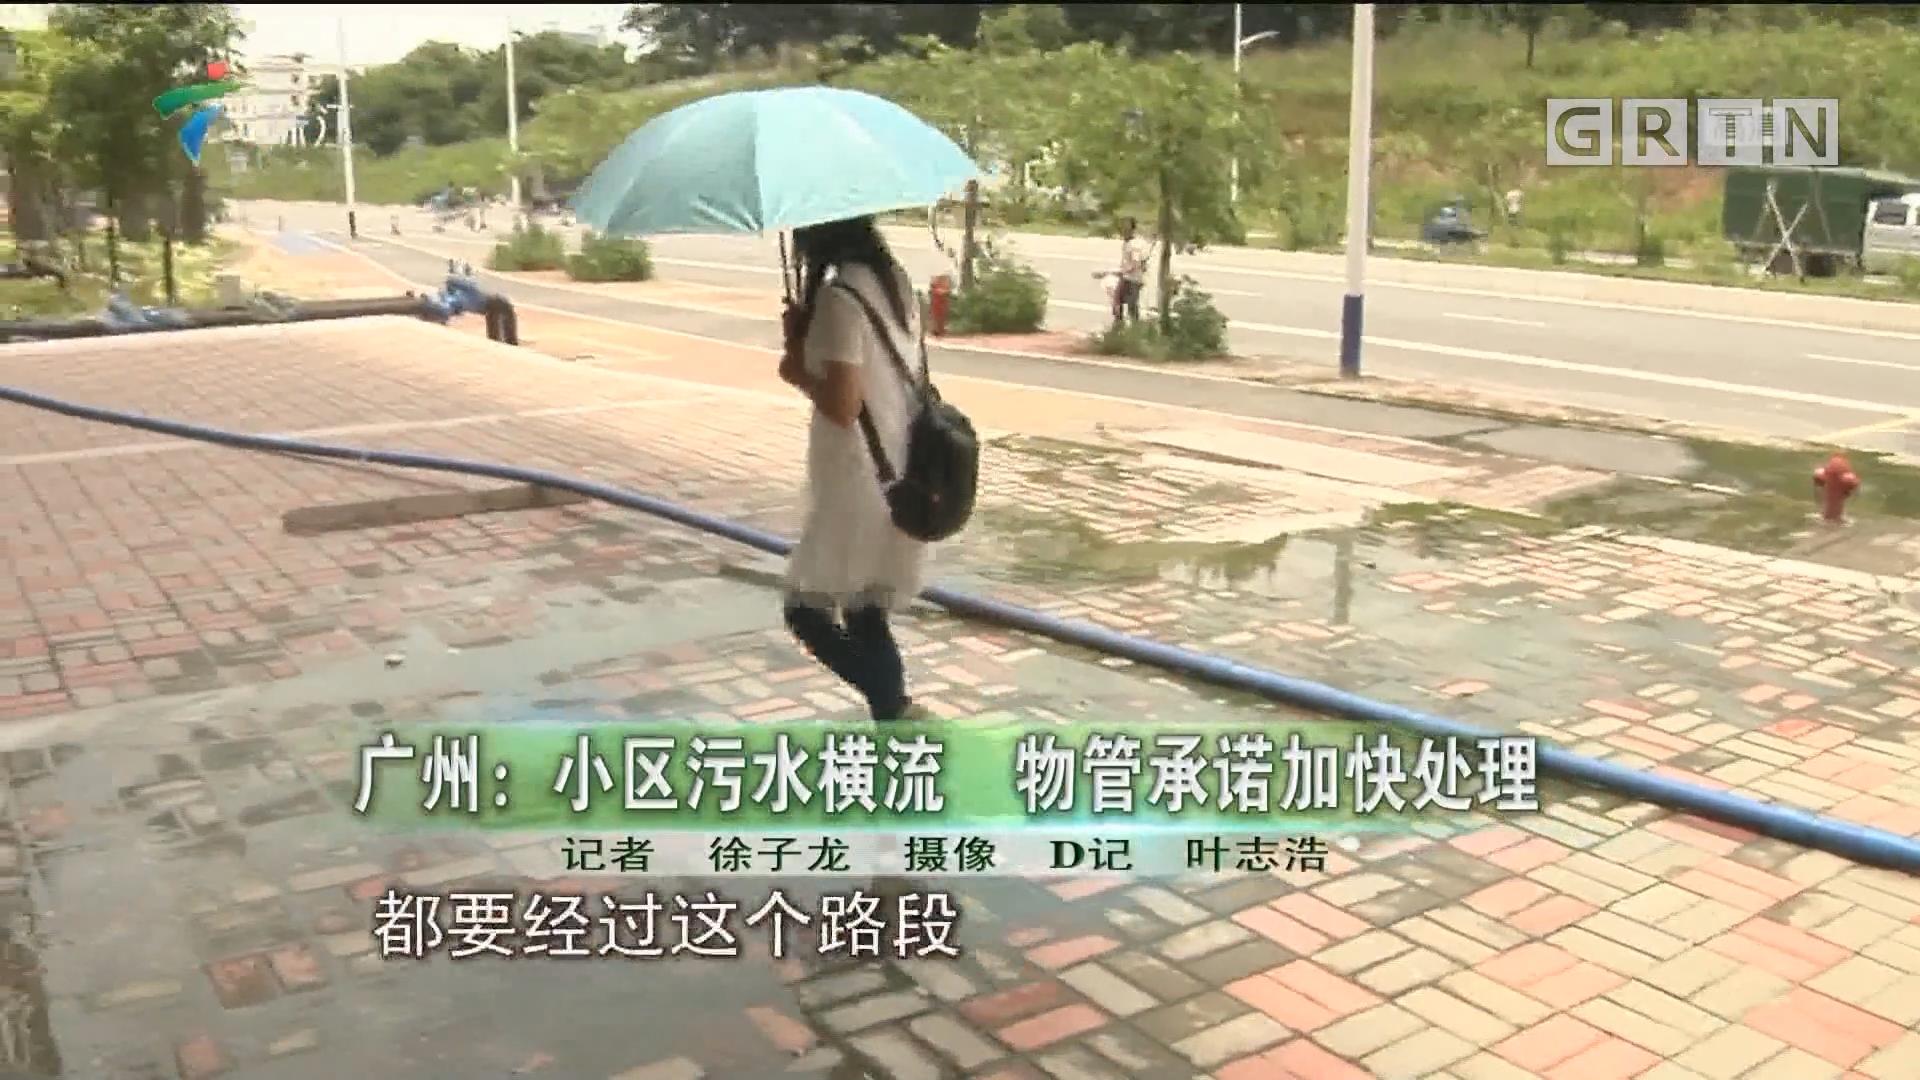 廣州:小區污水橫流 物管承諾加快處理